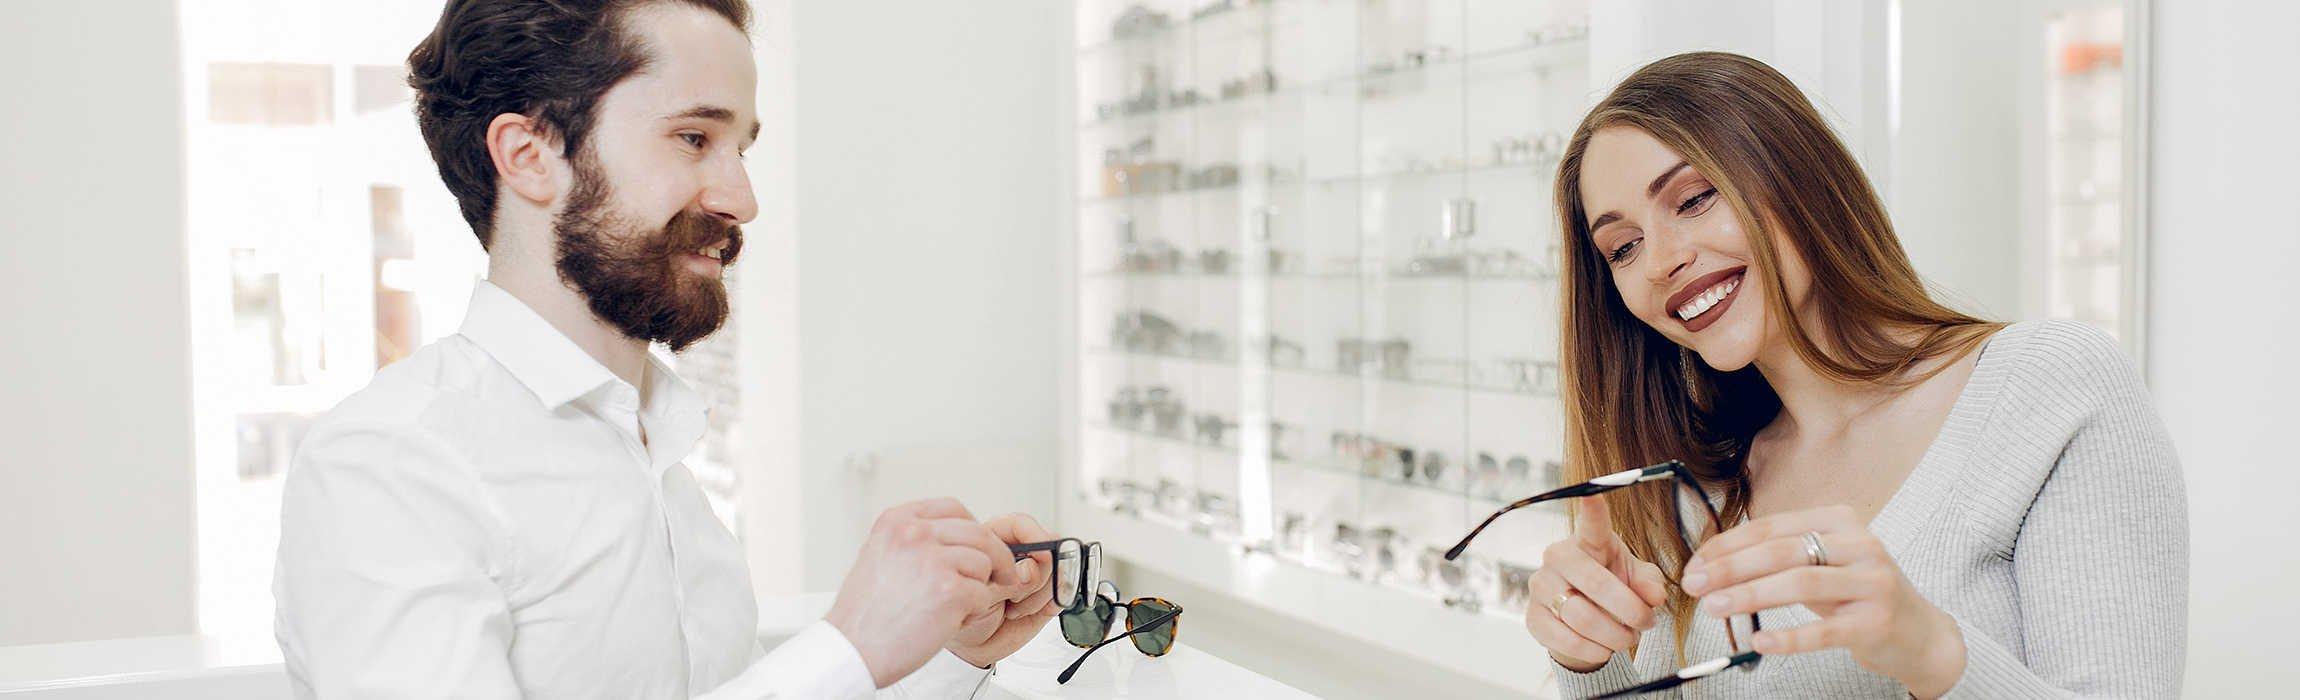 commerçant opticien